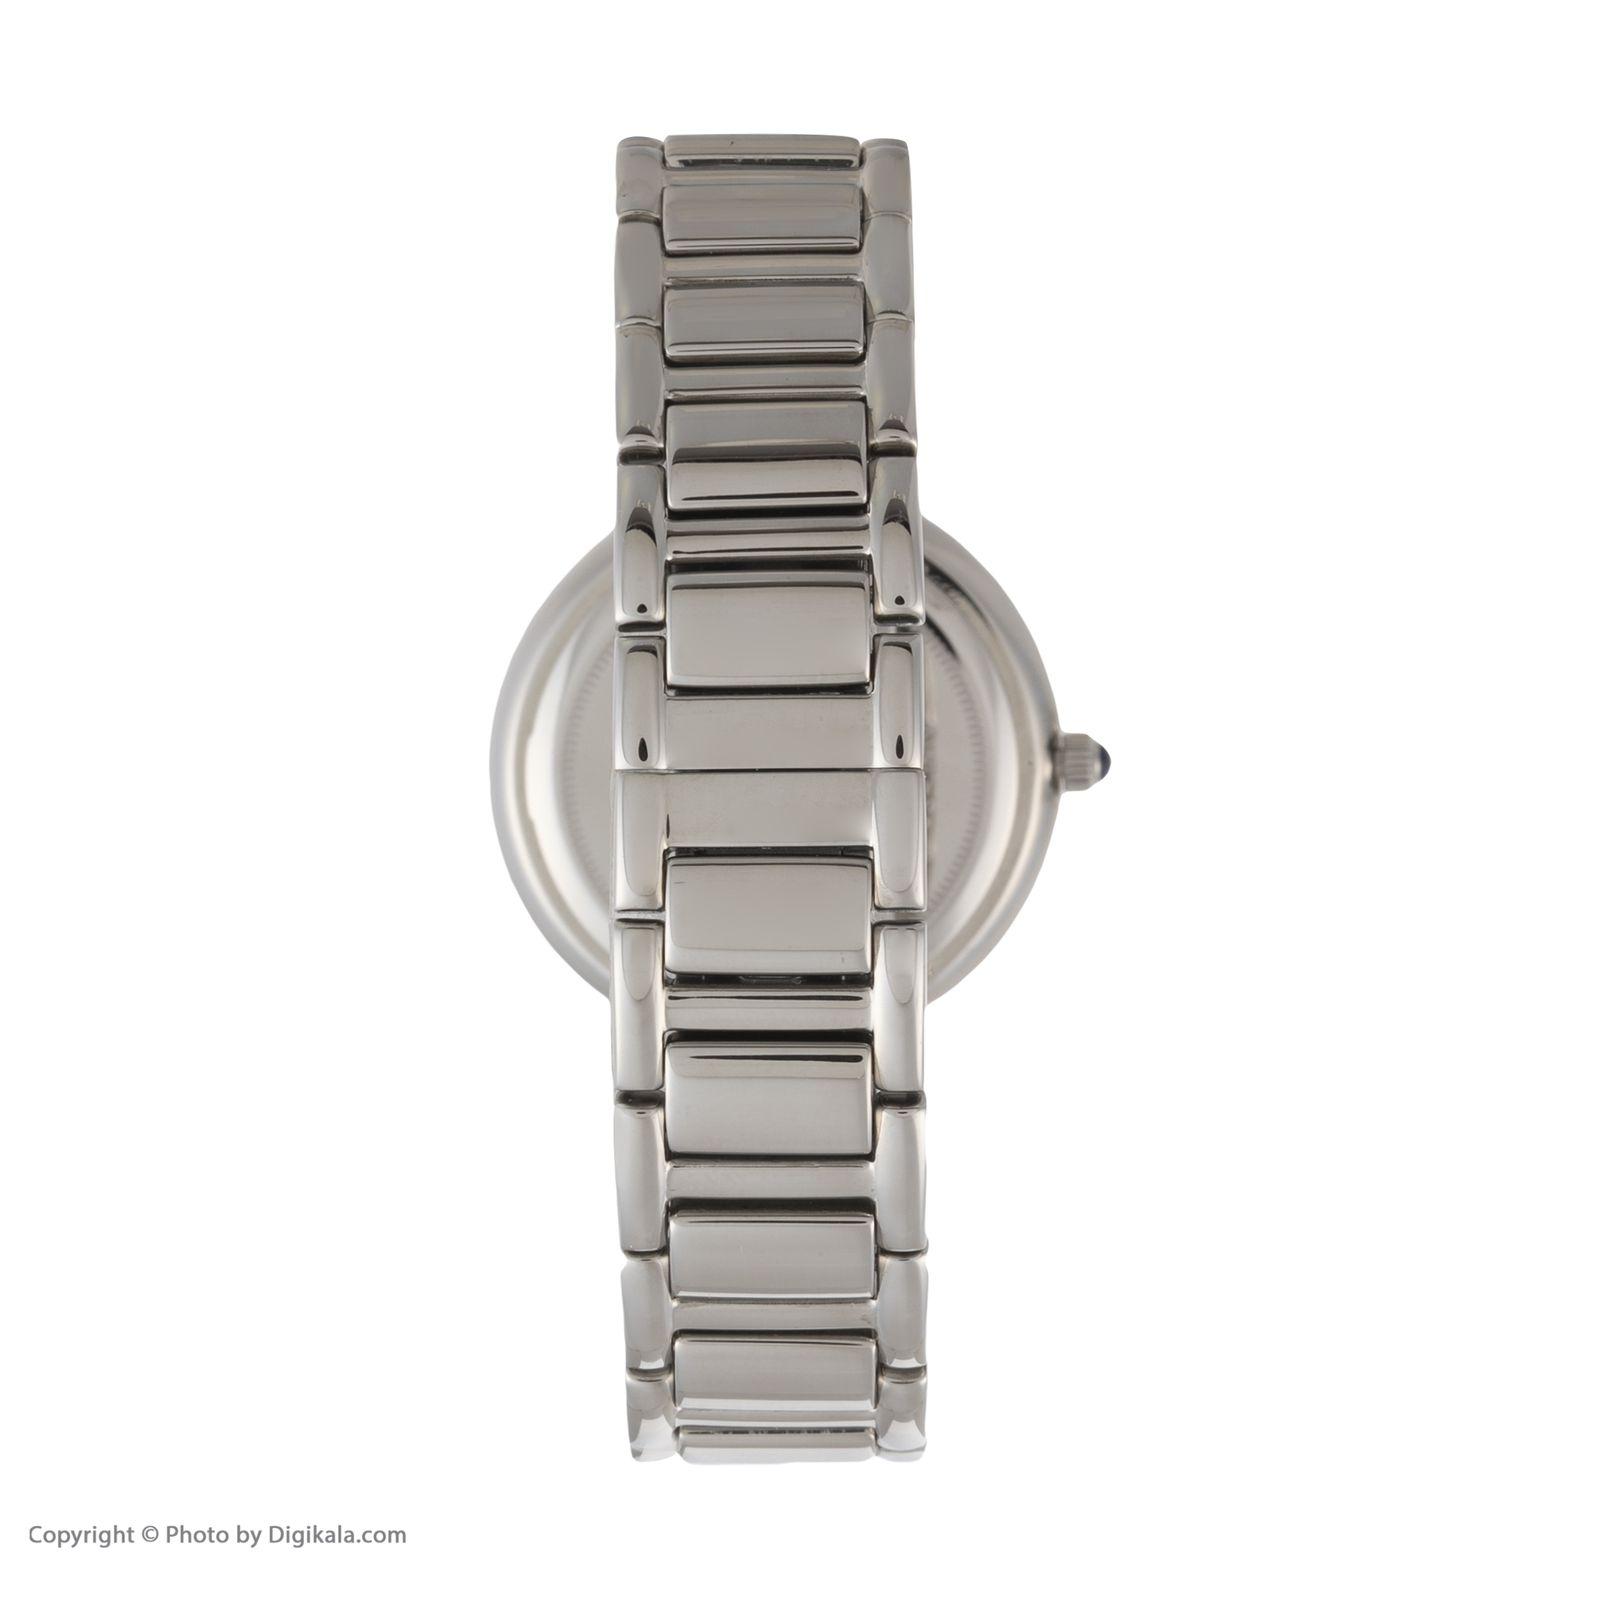 ساعت مچی عقربه ای زنانه کنتیننتال مدل 16103-LT101511 -  - 2